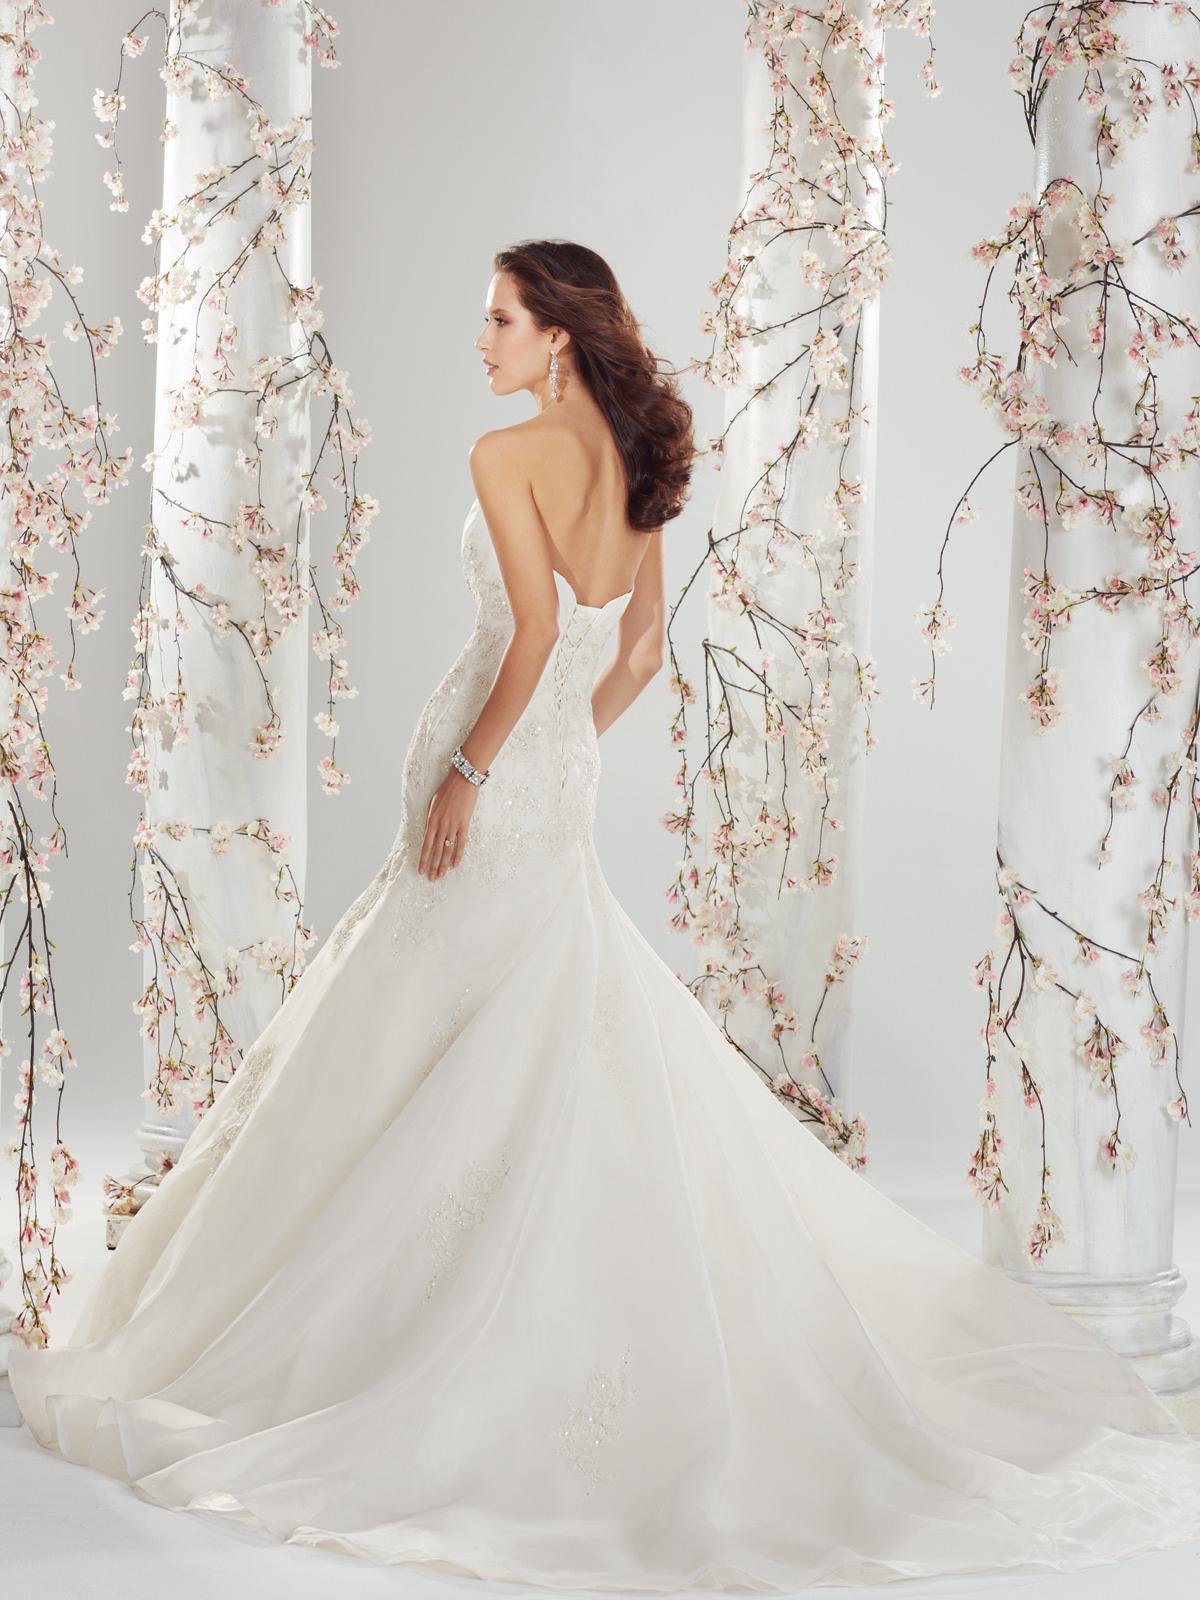 Wedding Dresses For   Sunshine Coast : Y catelyn sunshine coast wedding dresses